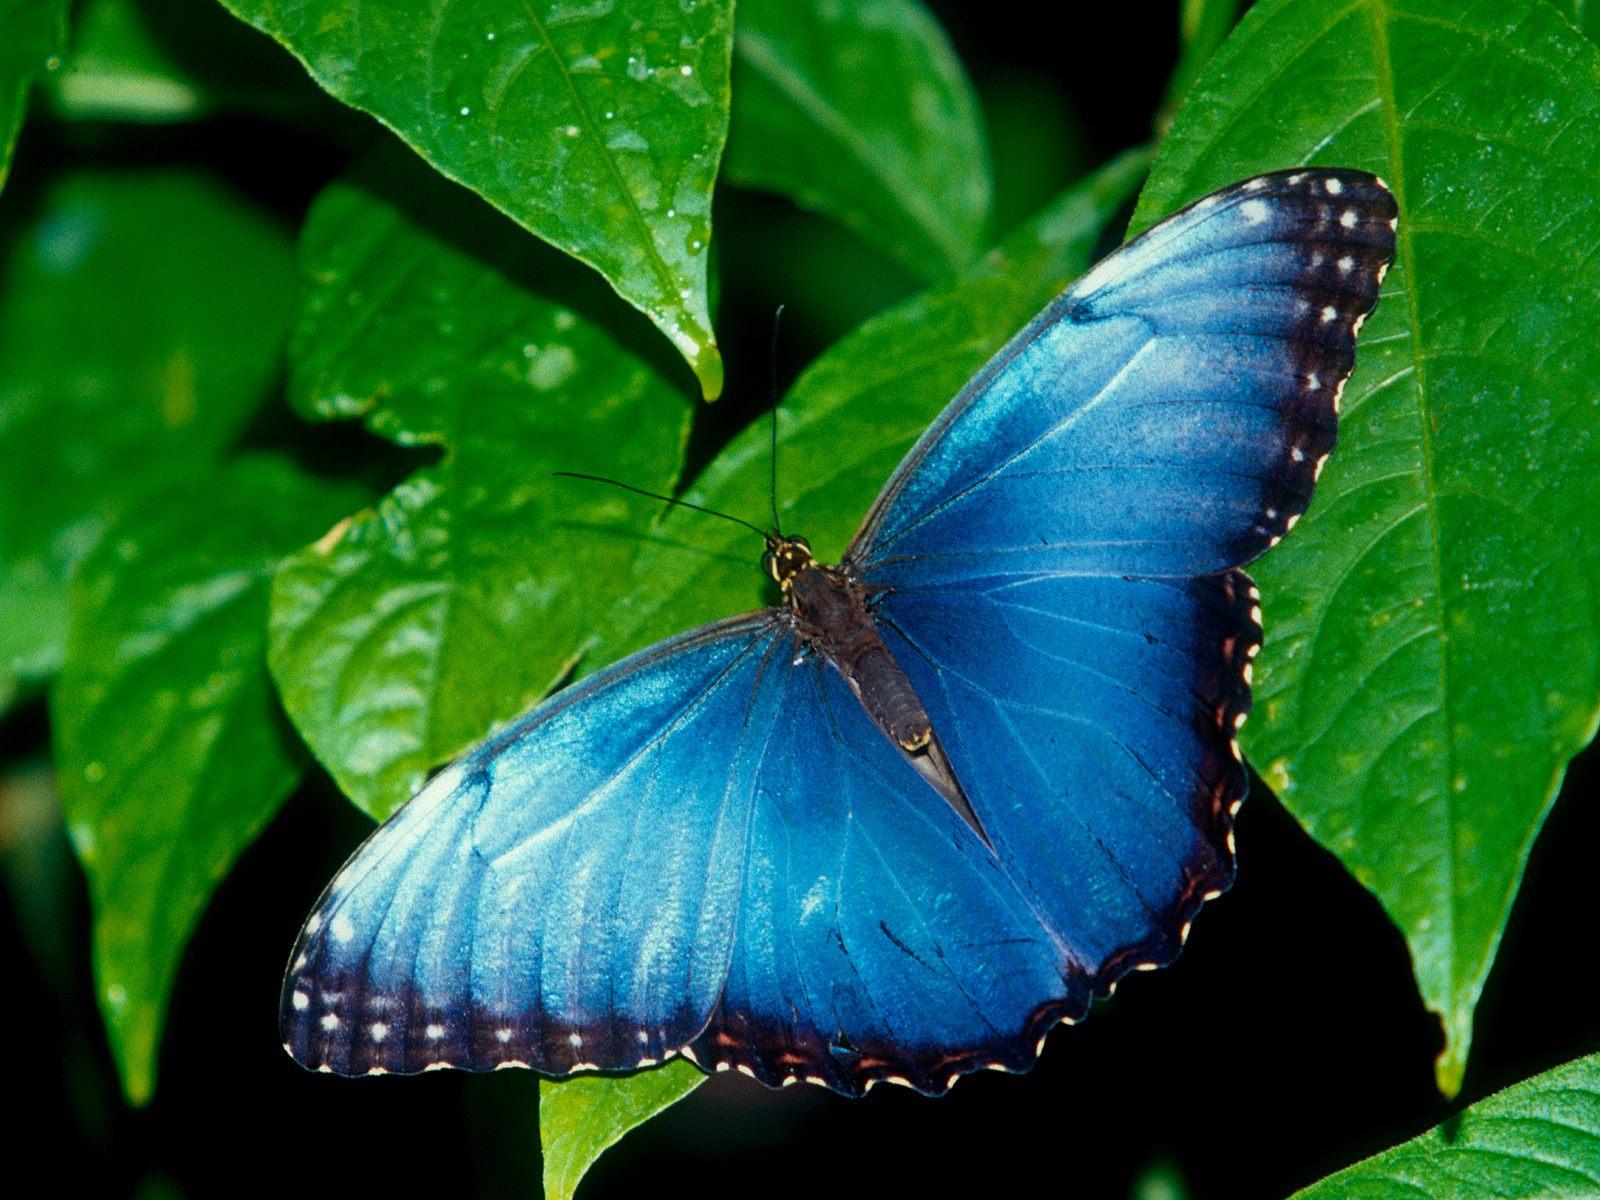 Butterfly wallpaperamazedwallpaper